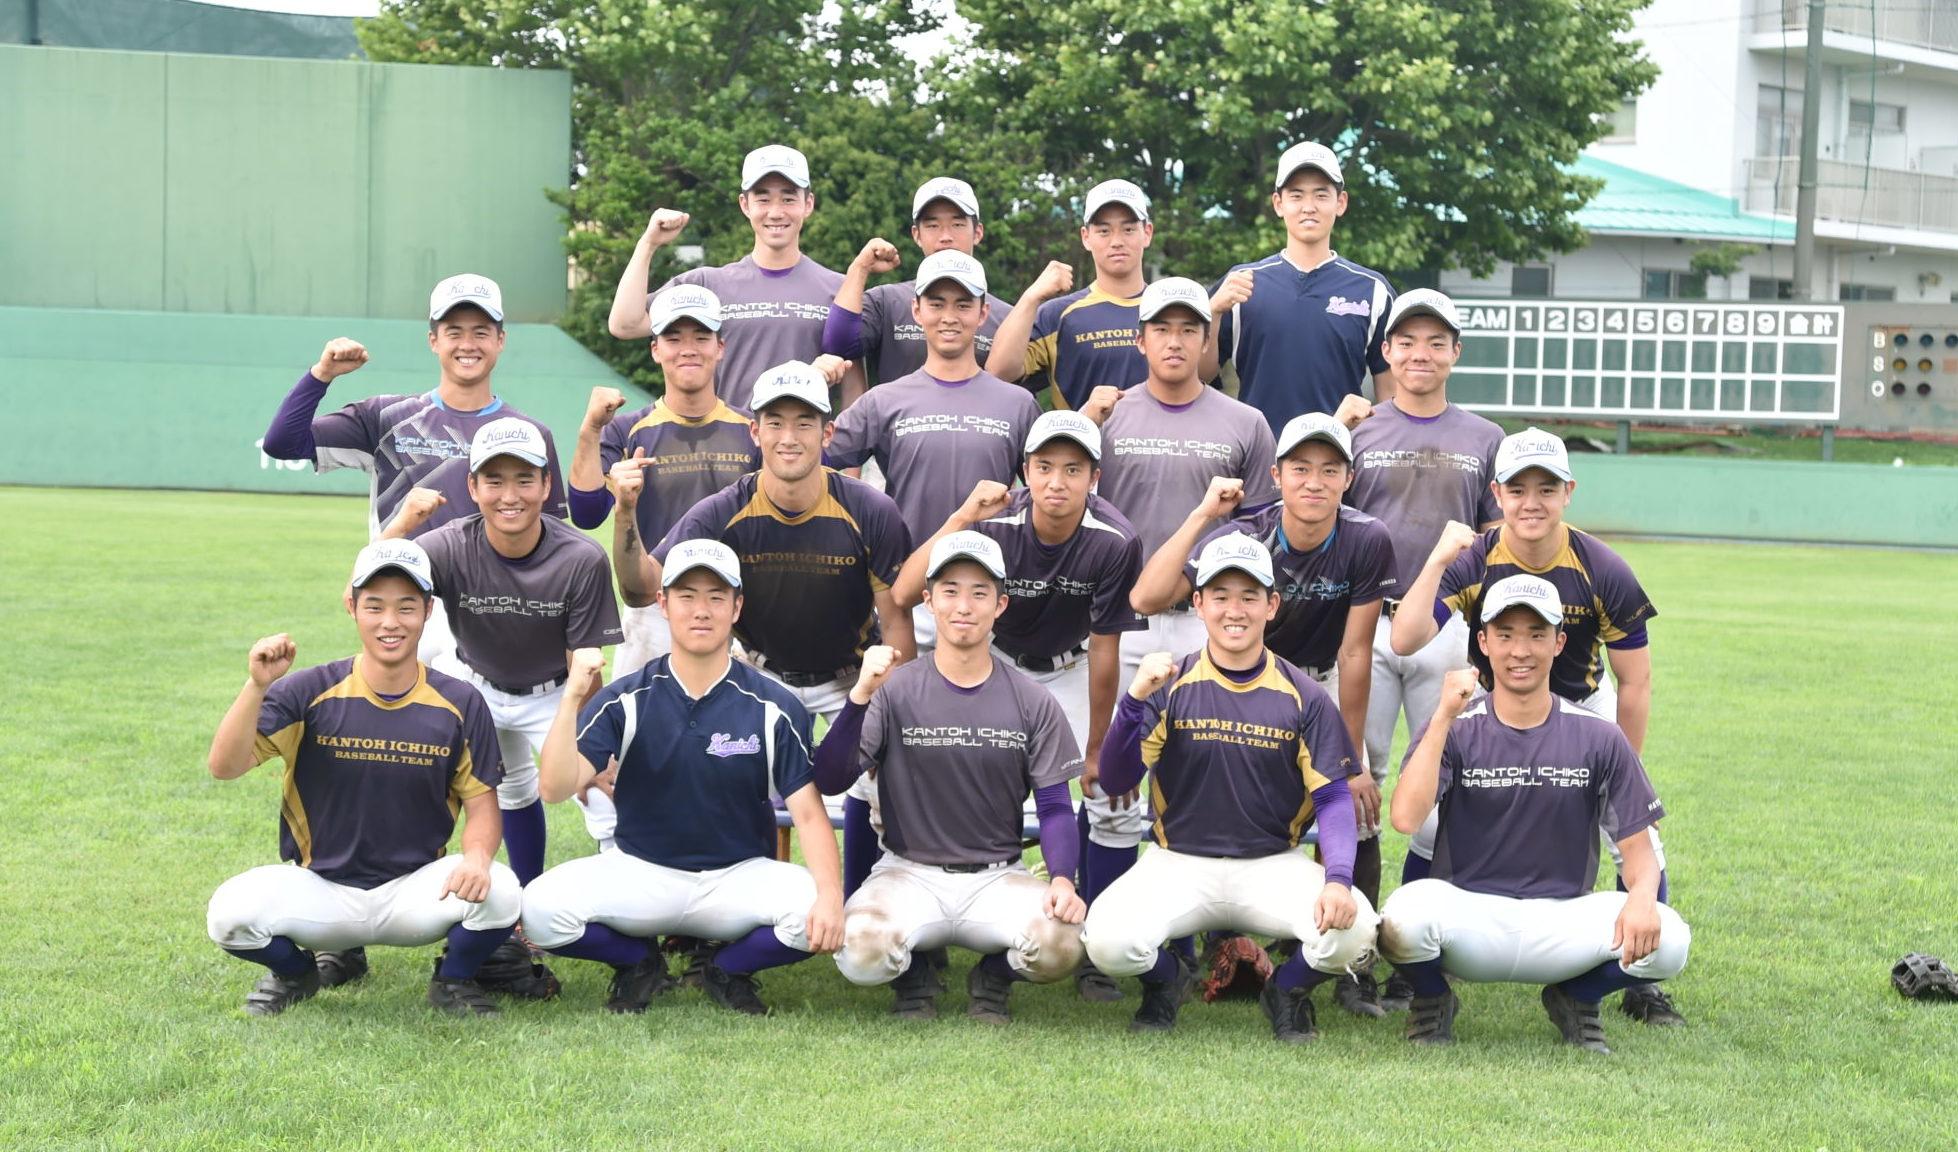 【関東一 野球部】『選手が育つグラウンド』コラム